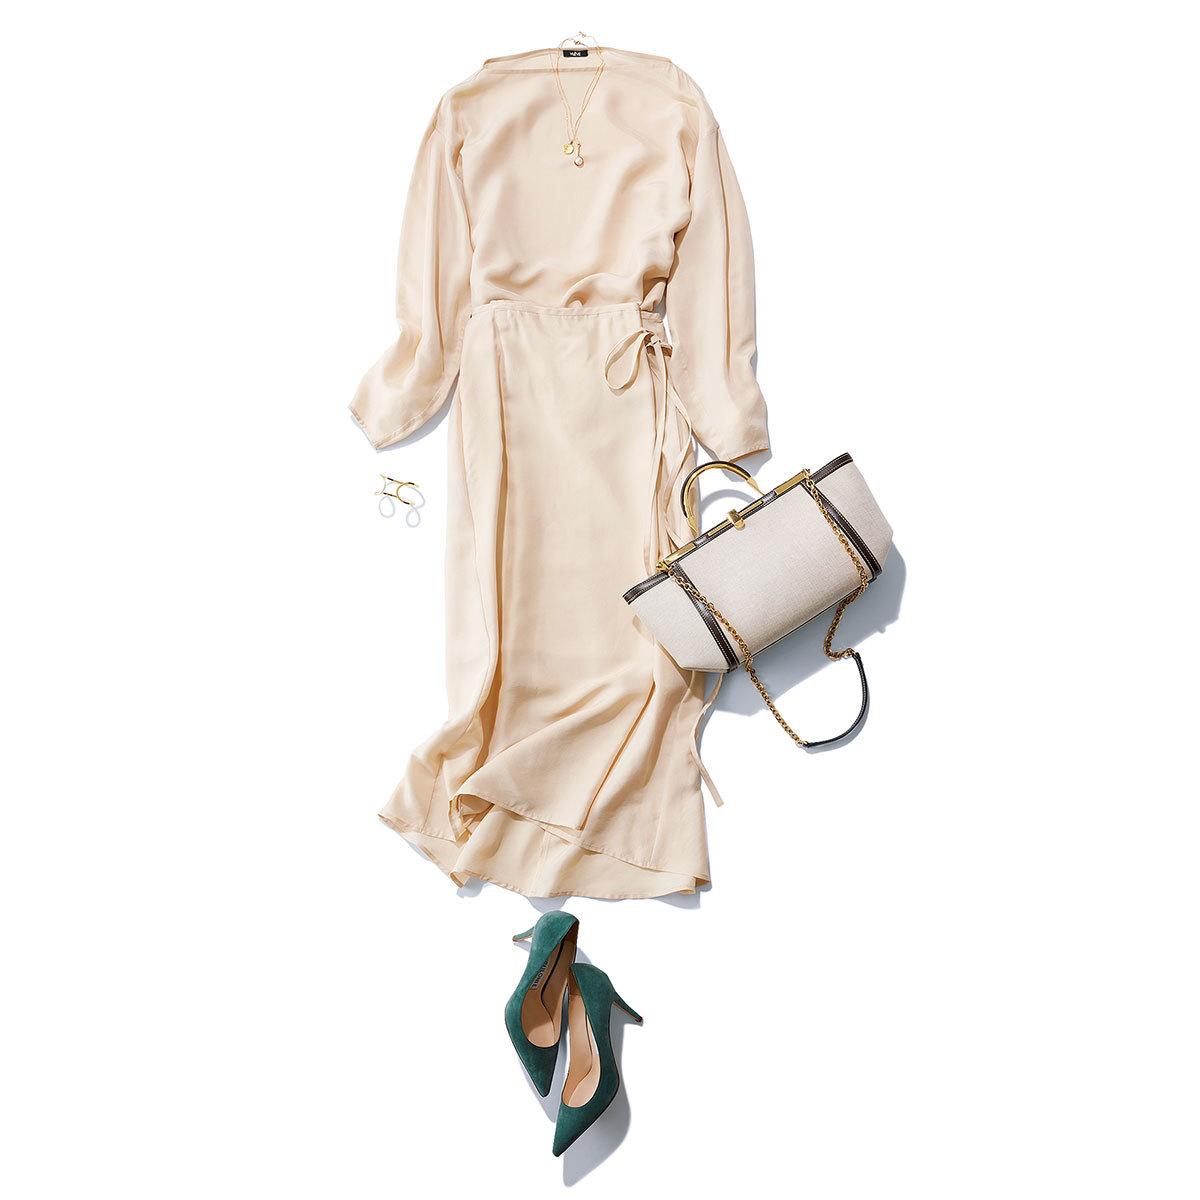 ブラウス×スカートのセットアップのワントーンコーデ